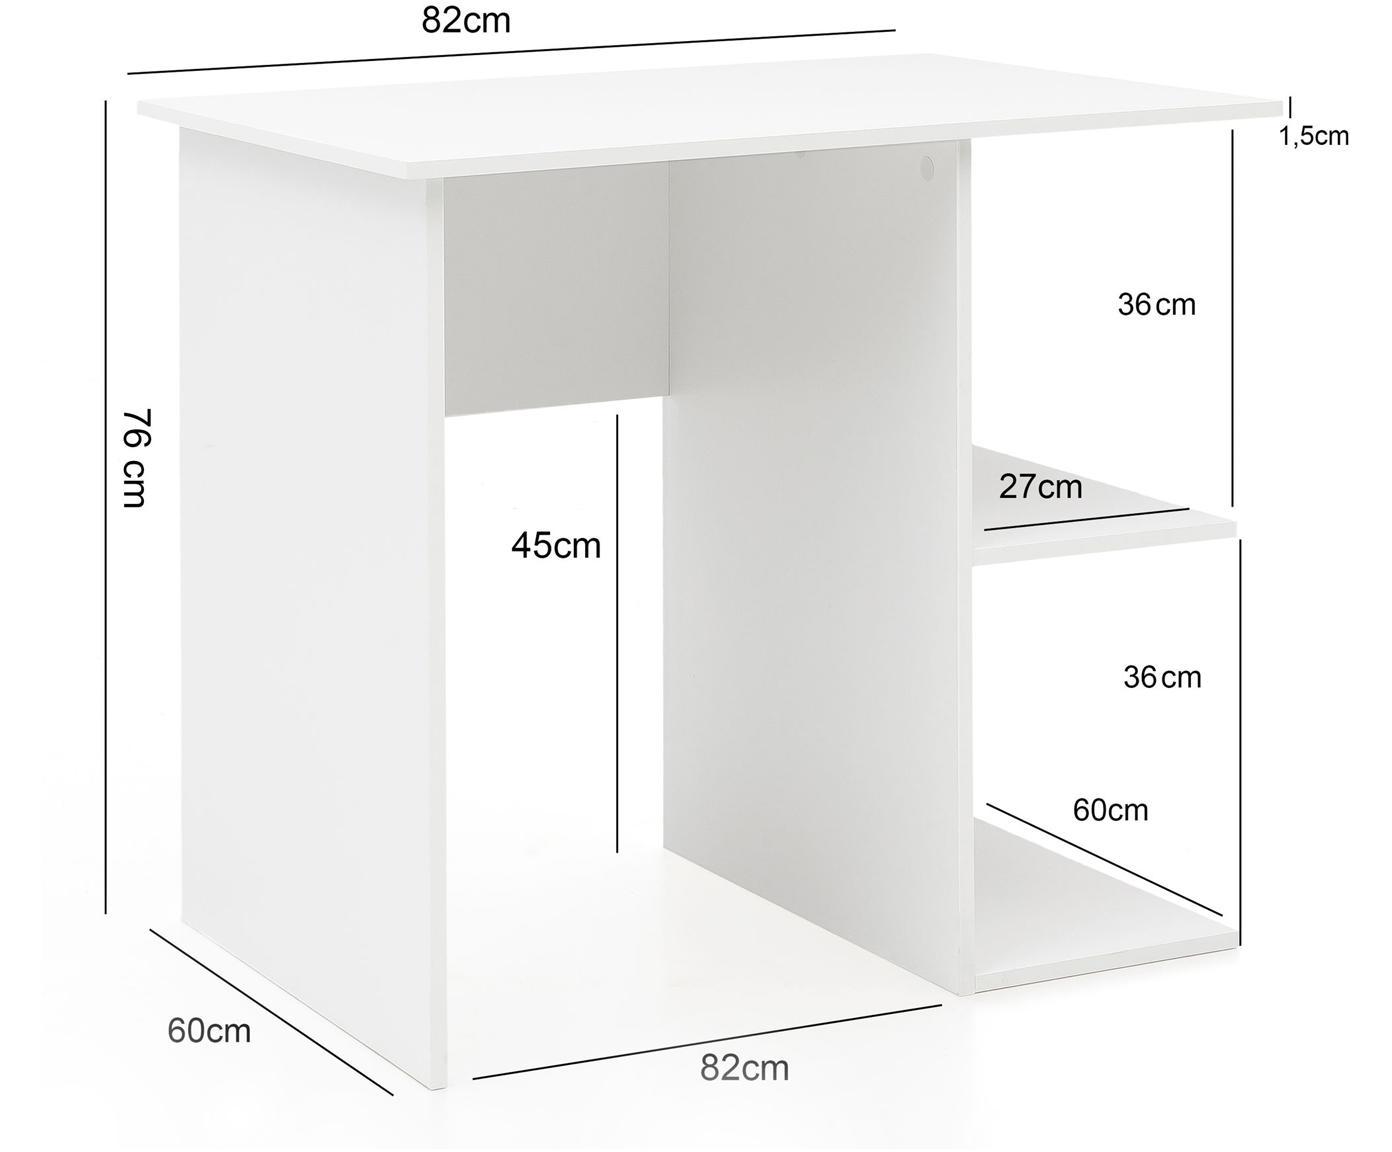 Kleiner Tisch Milo in Weiß Matt, Spanplatte, melaminbeschichtet, Weiß, 82 x 76 cm